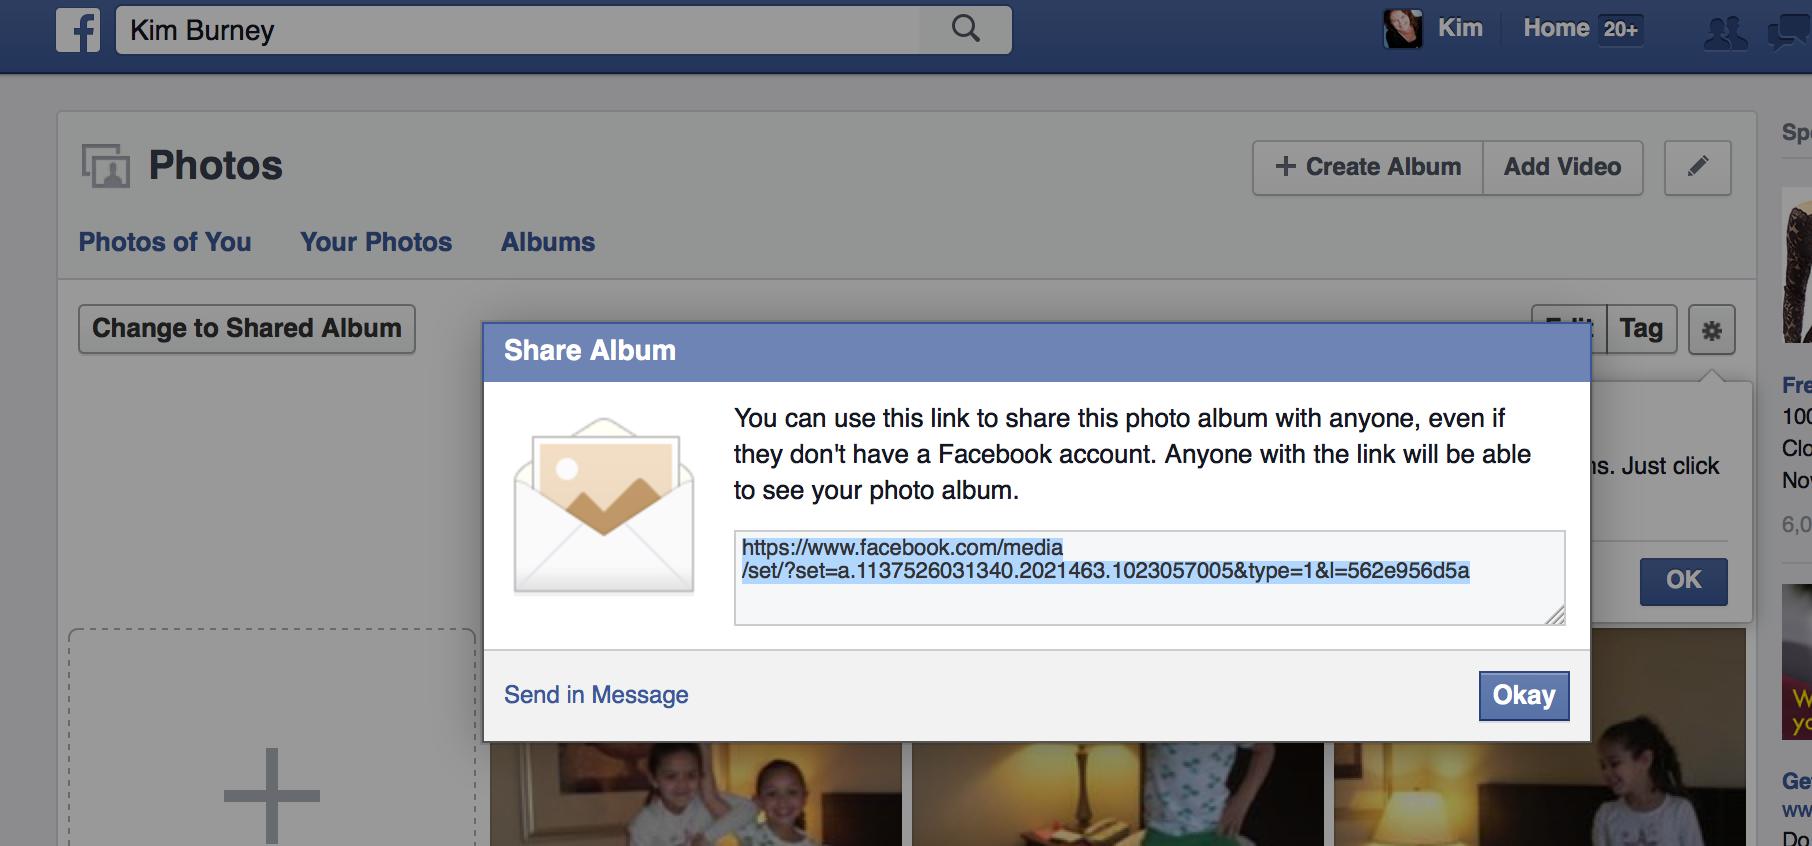 Share FB Album Link